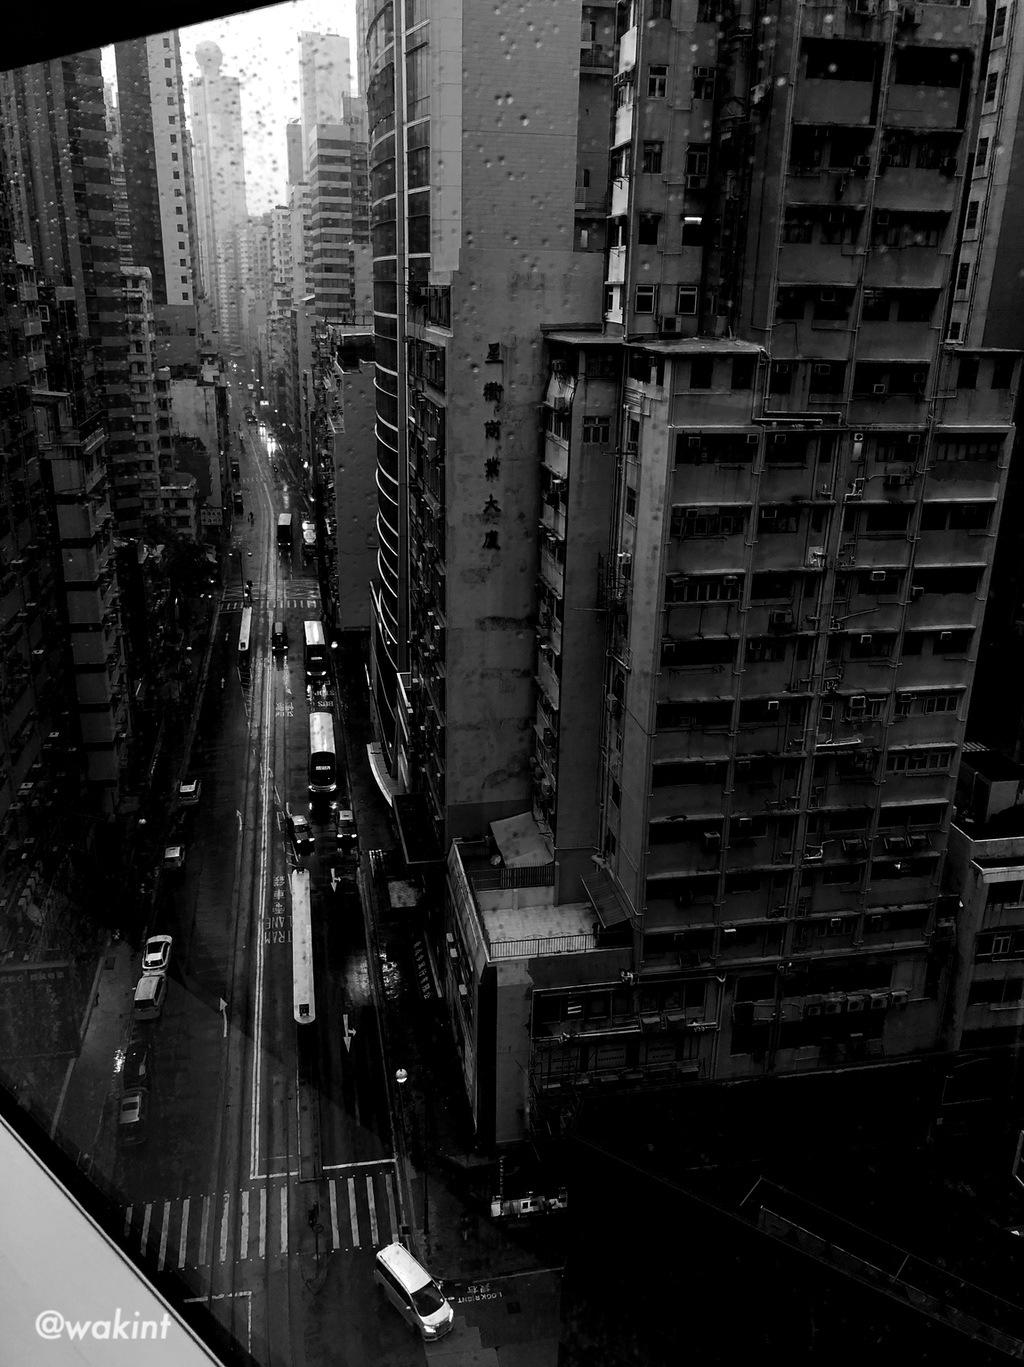 但此刻在香港街頭喝上一杯竹蔗茅根馬蹄水卻是種奢求了。